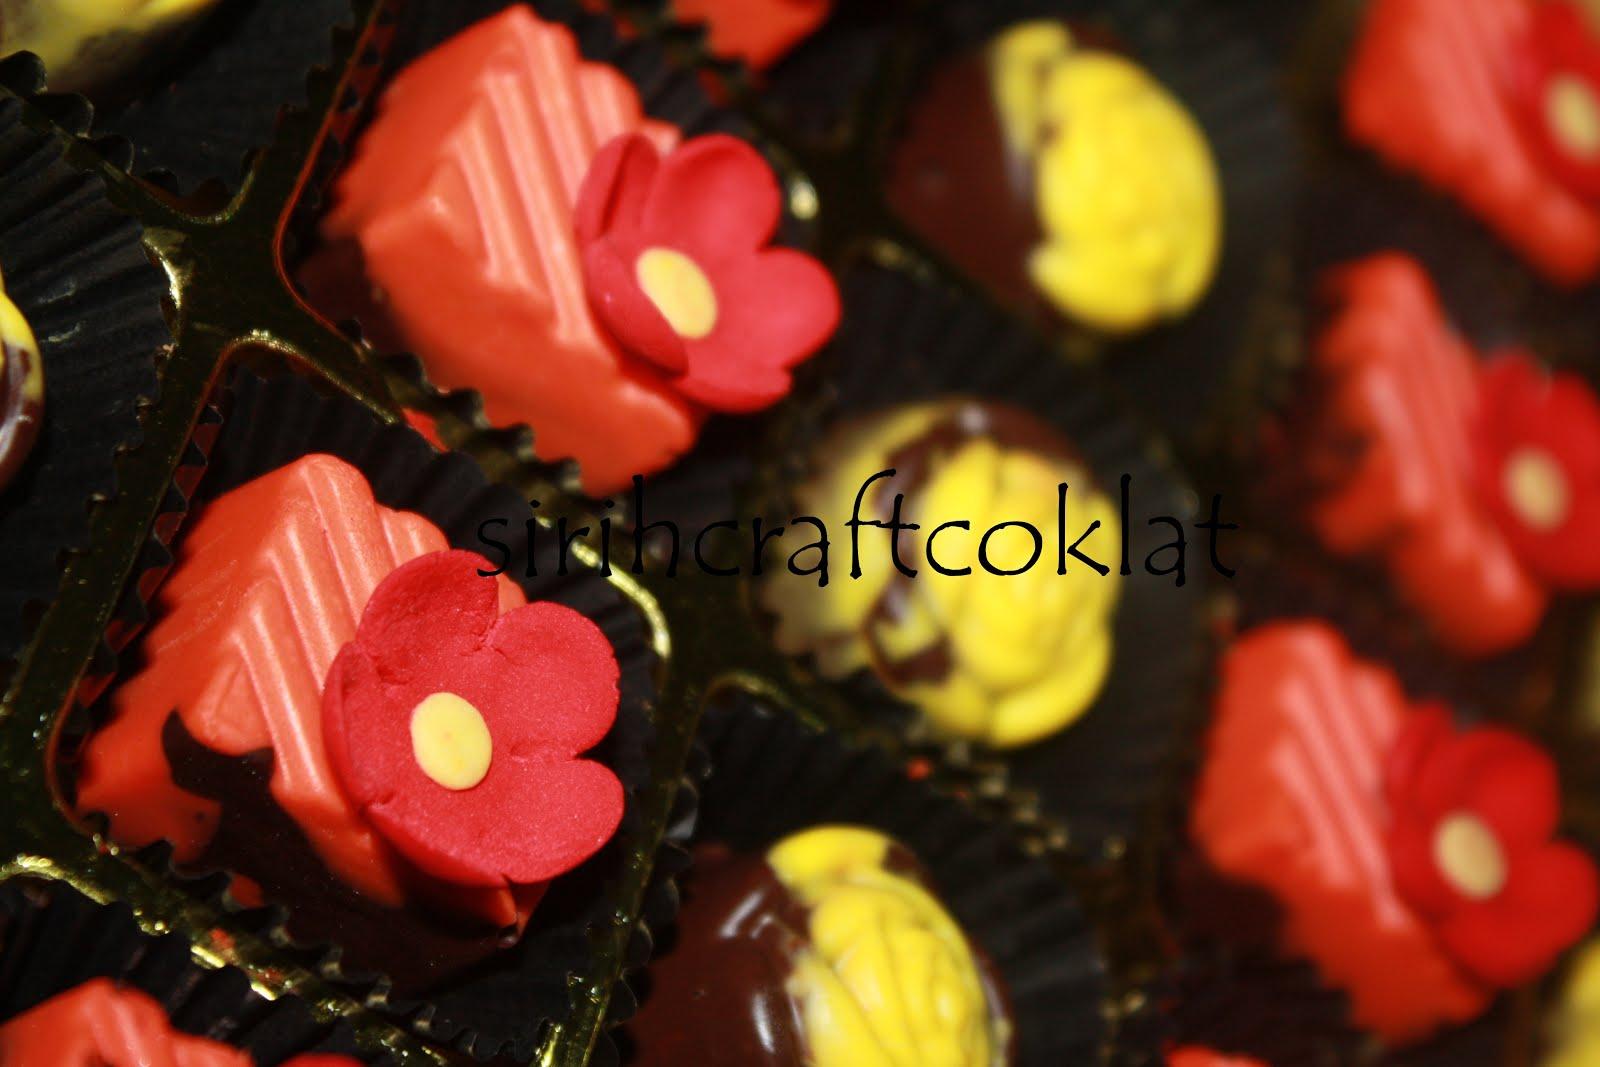 coklat yumyum